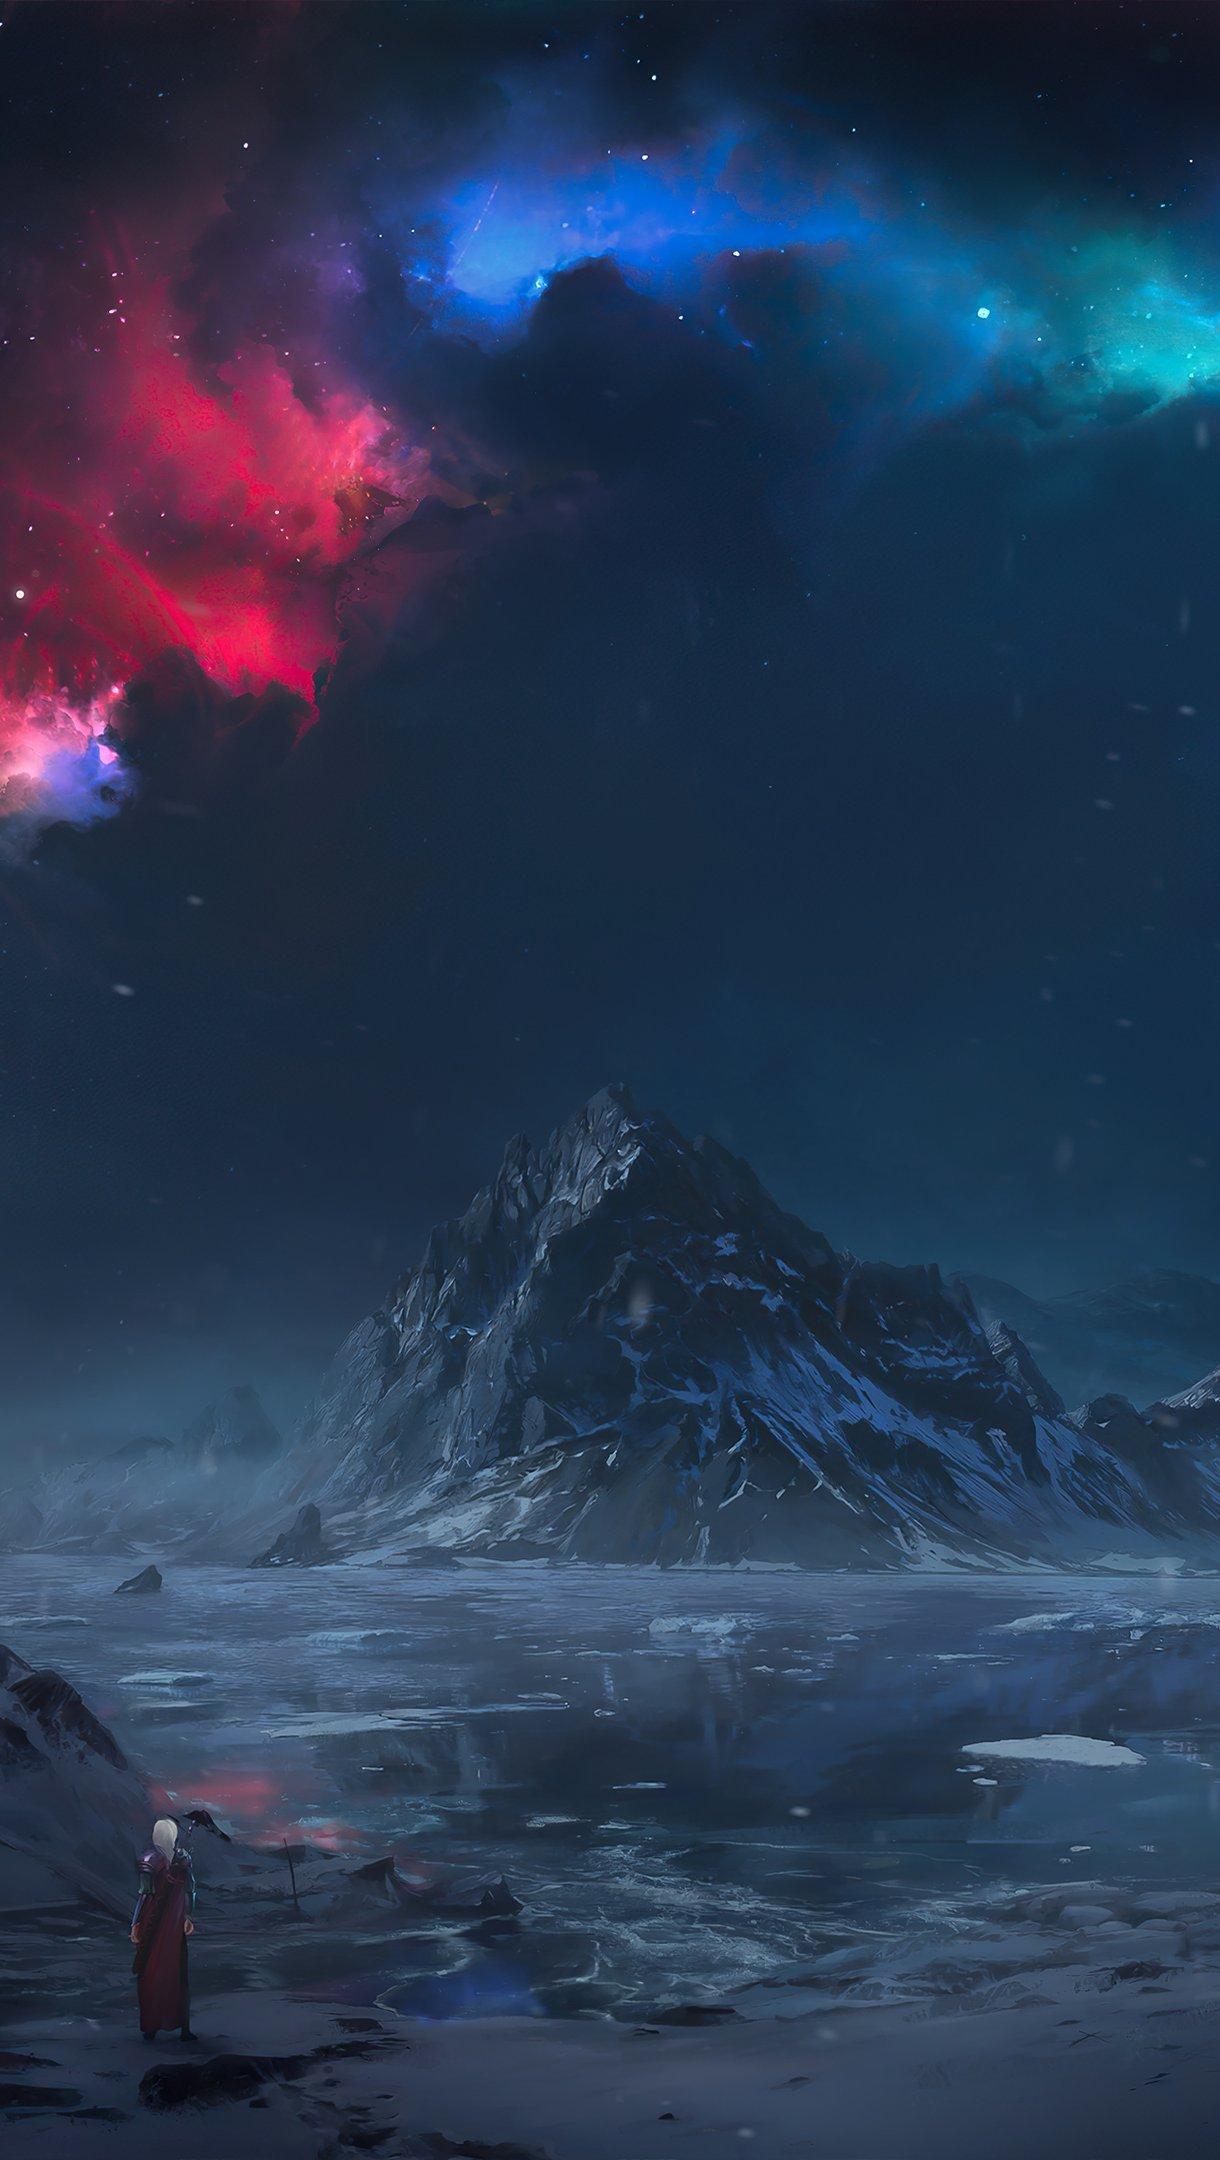 Fondos de pantalla Persona viendo paisaje de torre en las montañas Artwork Vertical